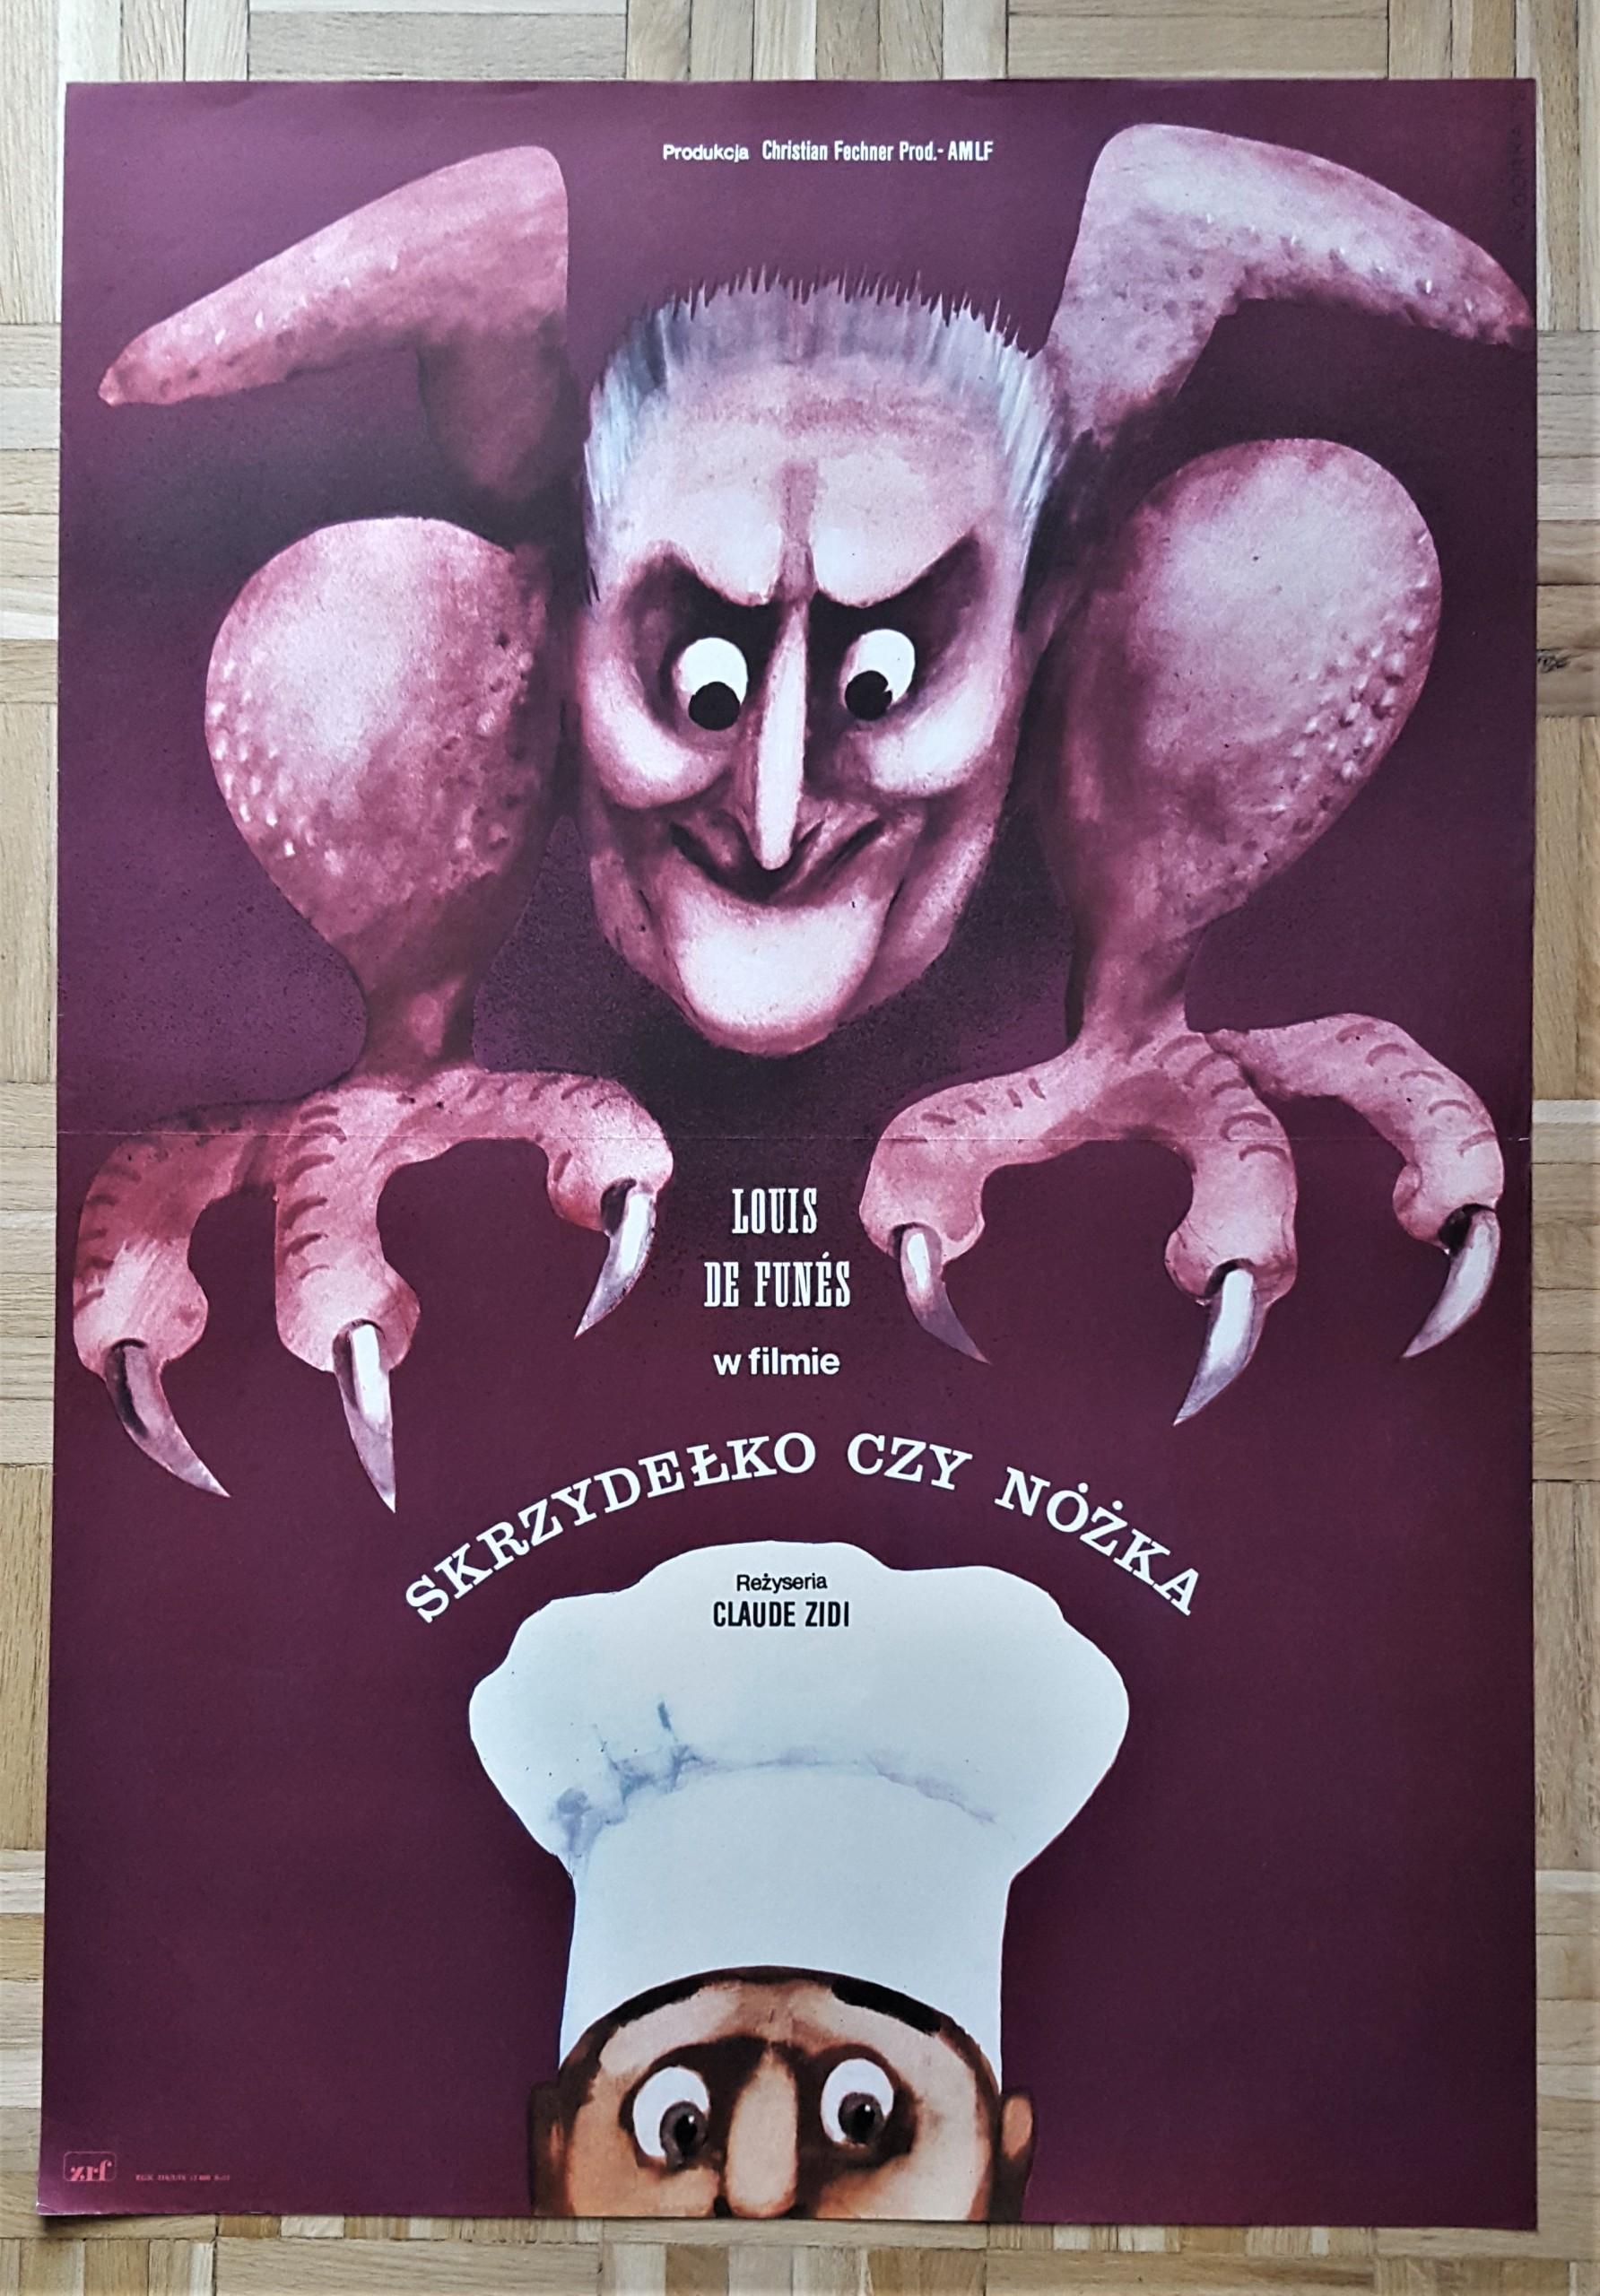 Plakat Filmowy Skrzydełko Czy Nóżka Górka 1978